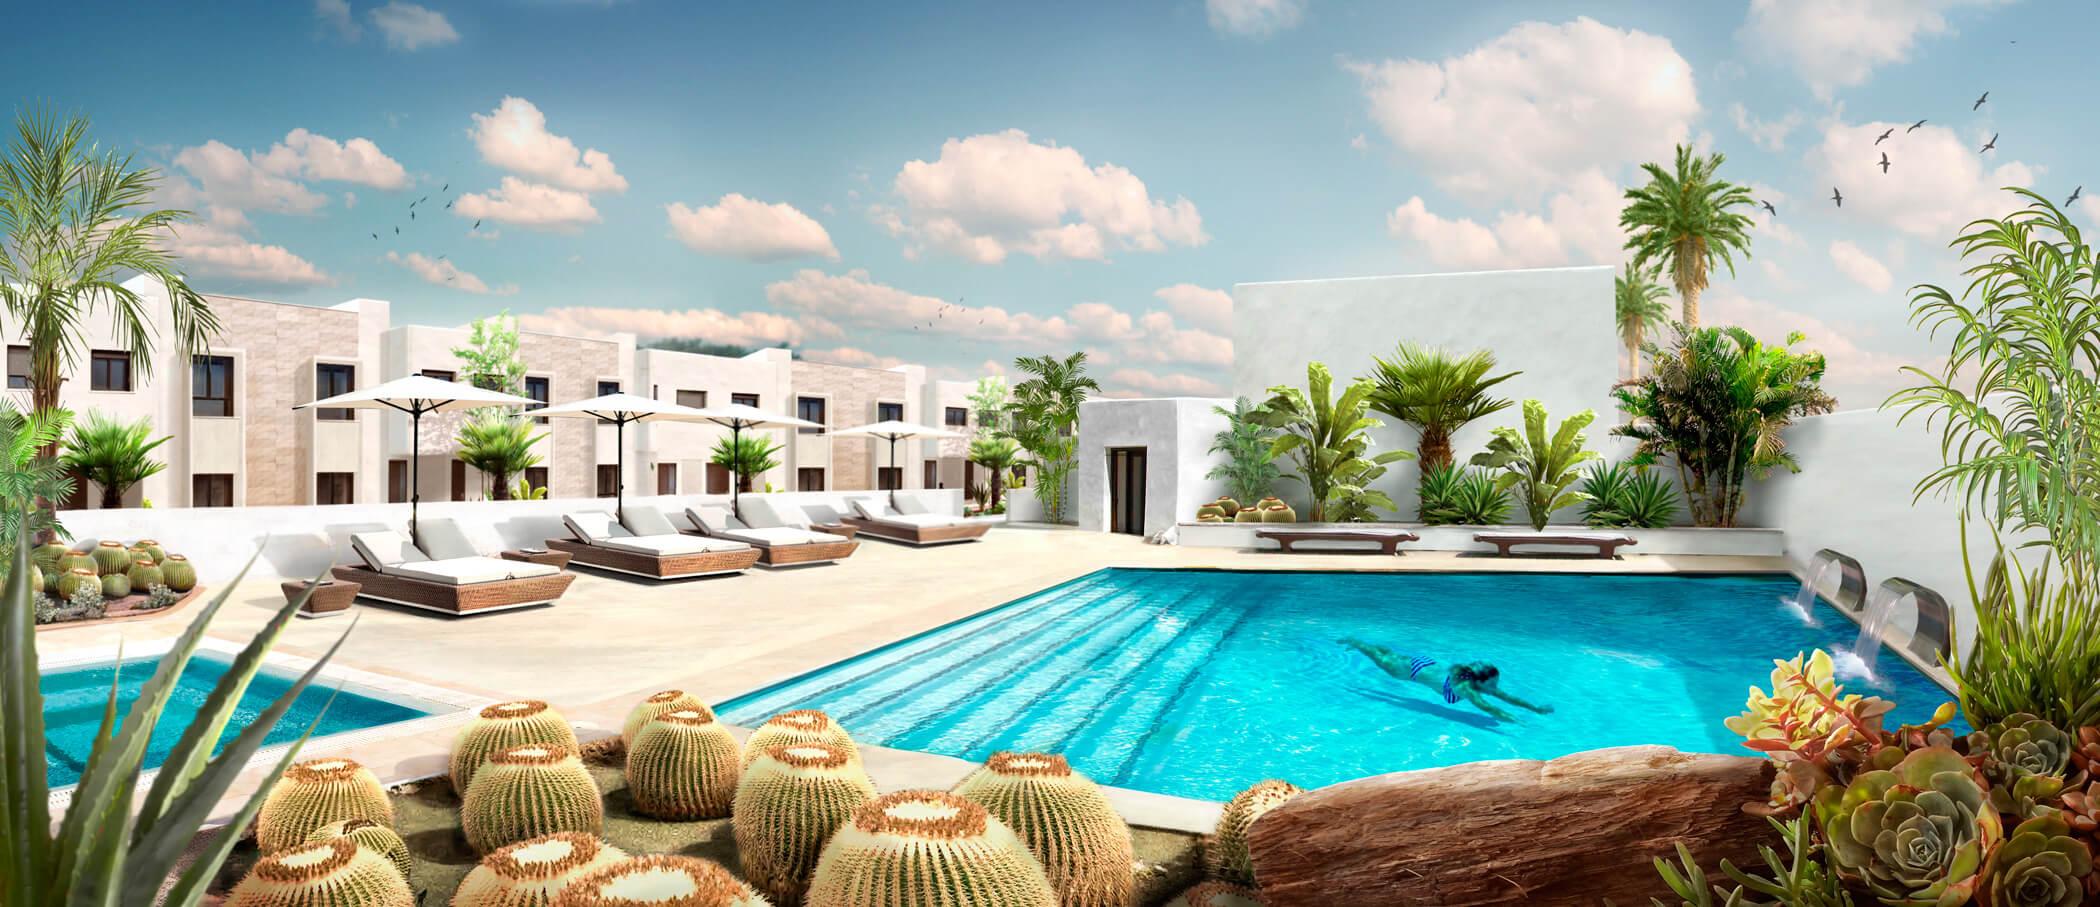 Residencial los alcores inmobiliaria el puerto pisos for Piscinas almeria